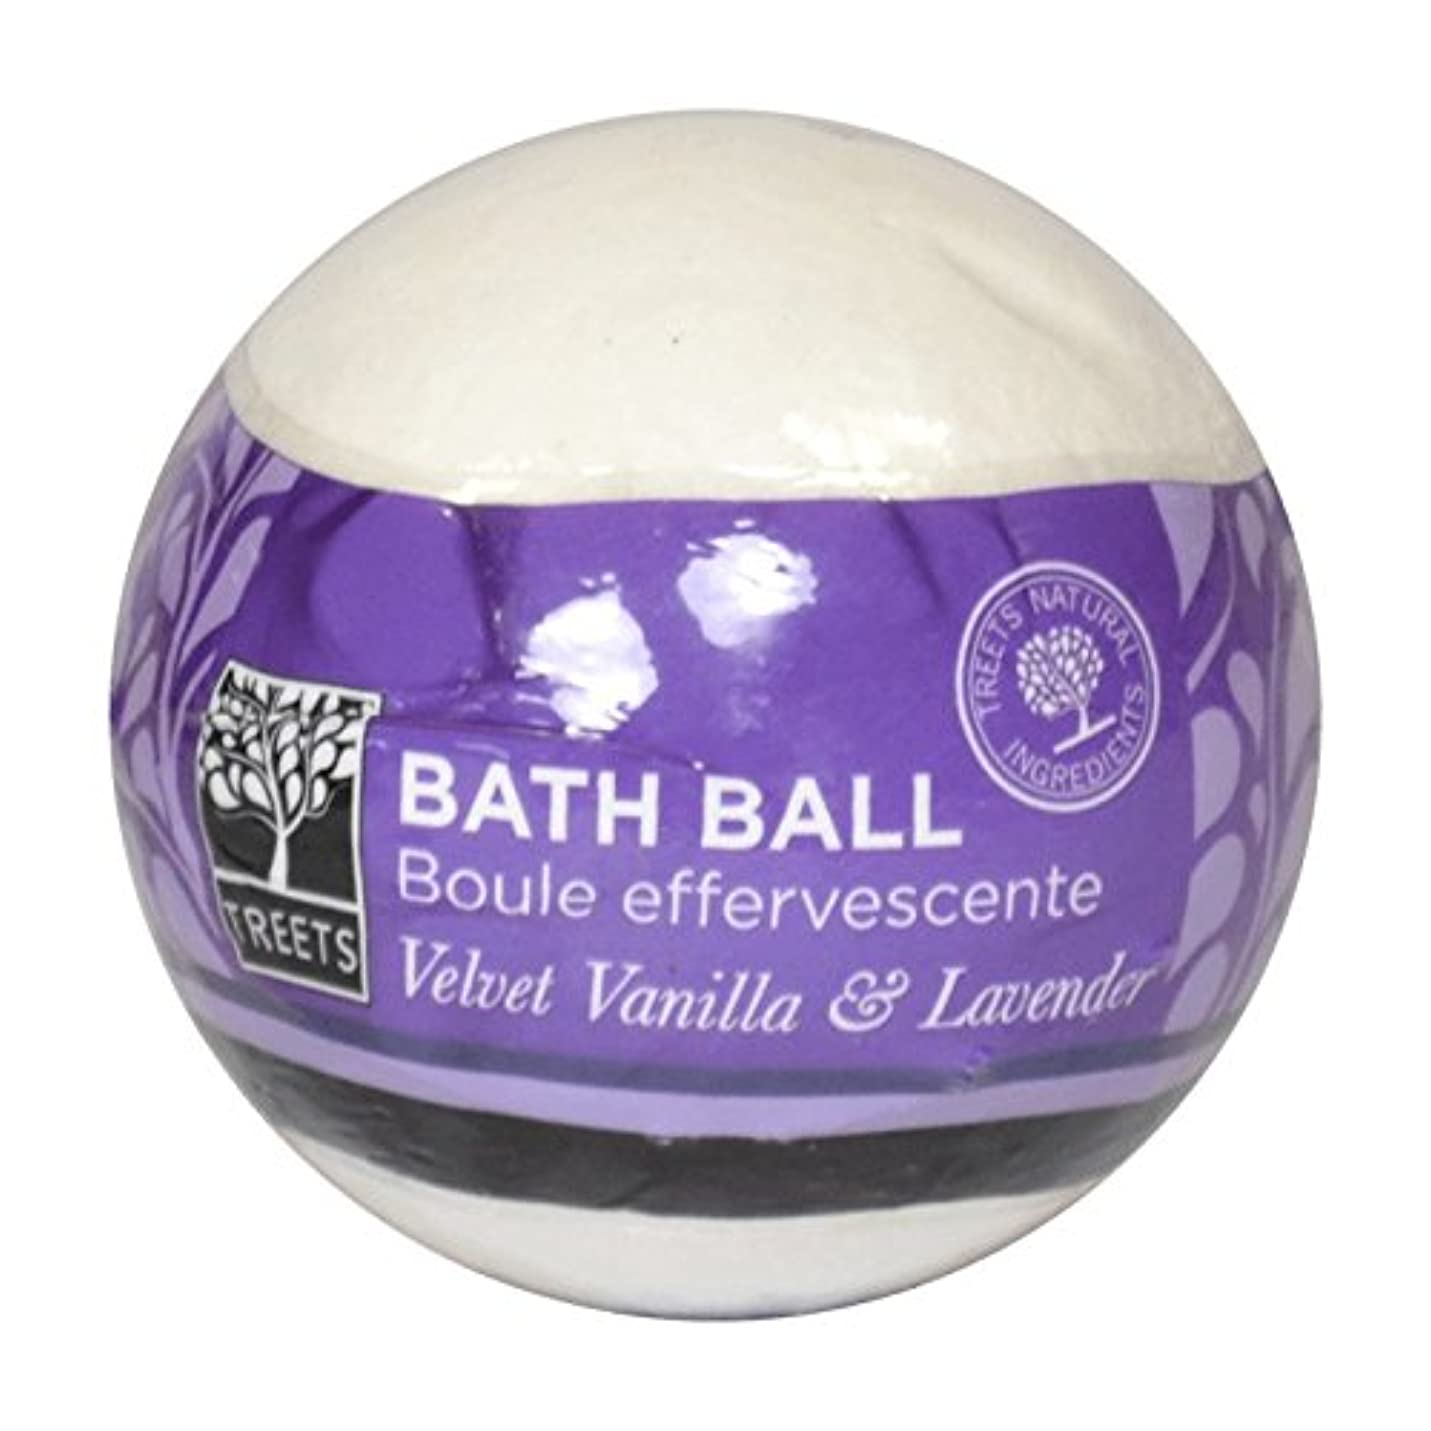 縫い目崇拝します祝福するTreetsベルベットのバニラ&ラベンダーバスボール - Treets Velvet Vanilla & Lavender Bath Ball (Treets) [並行輸入品]